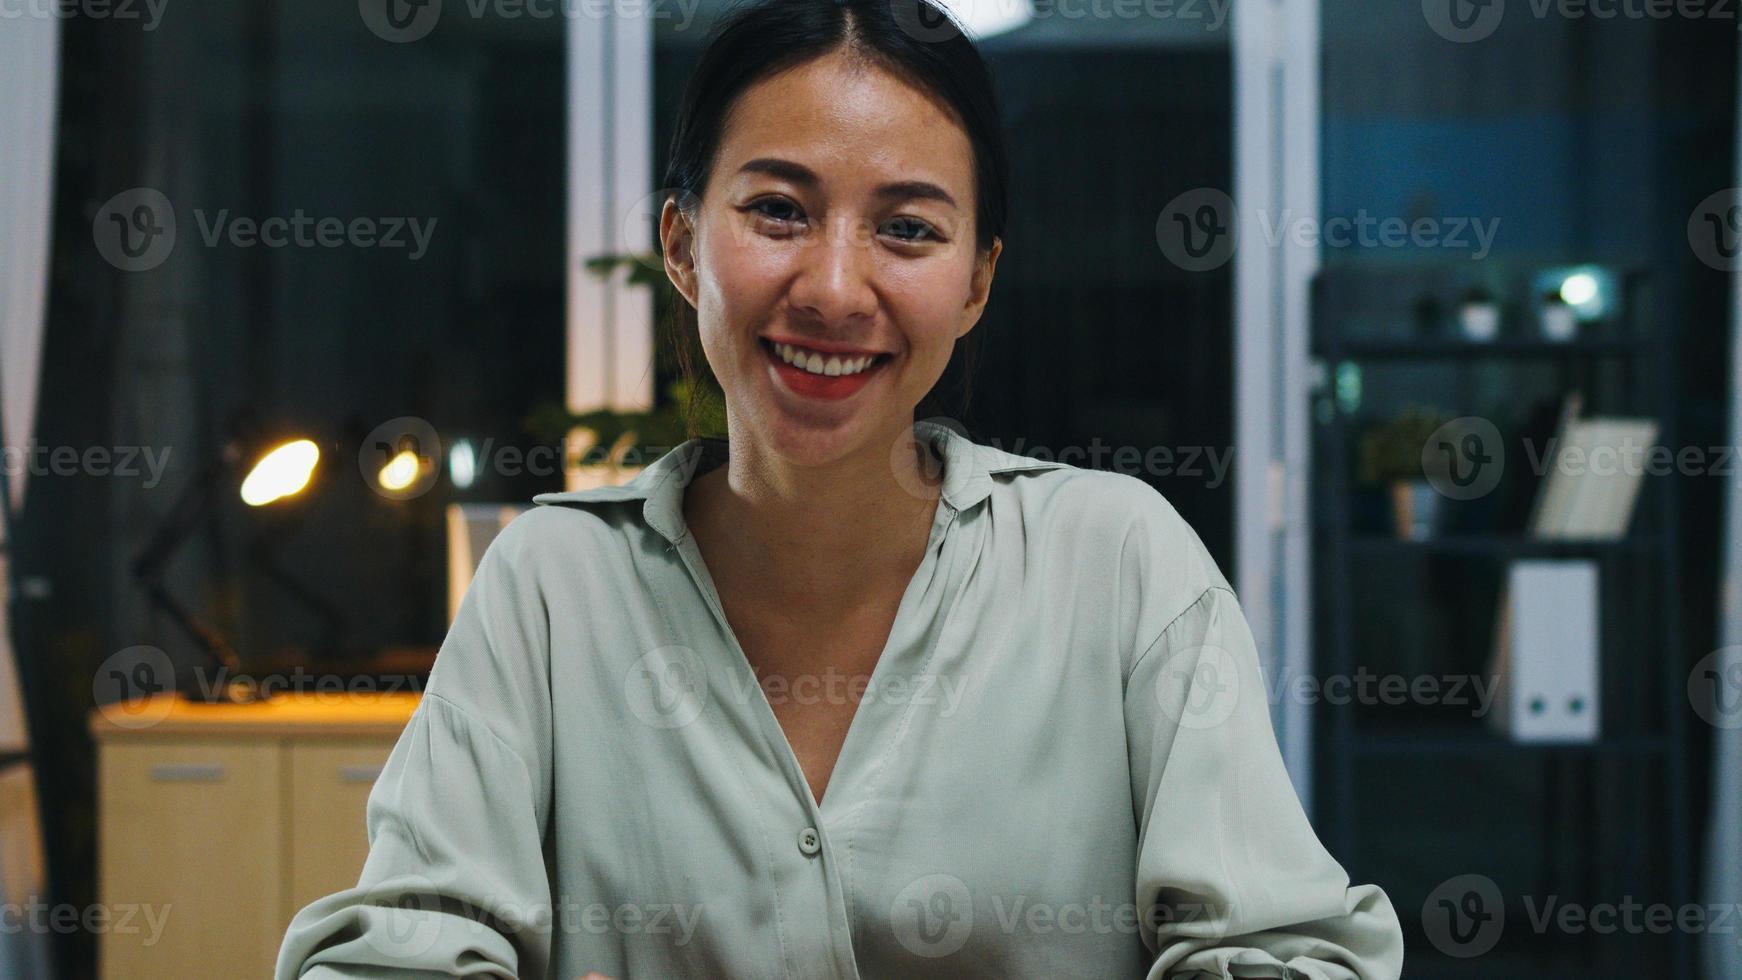 ritratto di bella donna d'affari esecutiva abbigliamento casual intelligente che guarda l'obbiettivo e sorridente, felice nella notte sul posto di lavoro dell'ufficio moderno. giovane signora asiatica parla con un collega in una riunione di videochiamata a casa. foto